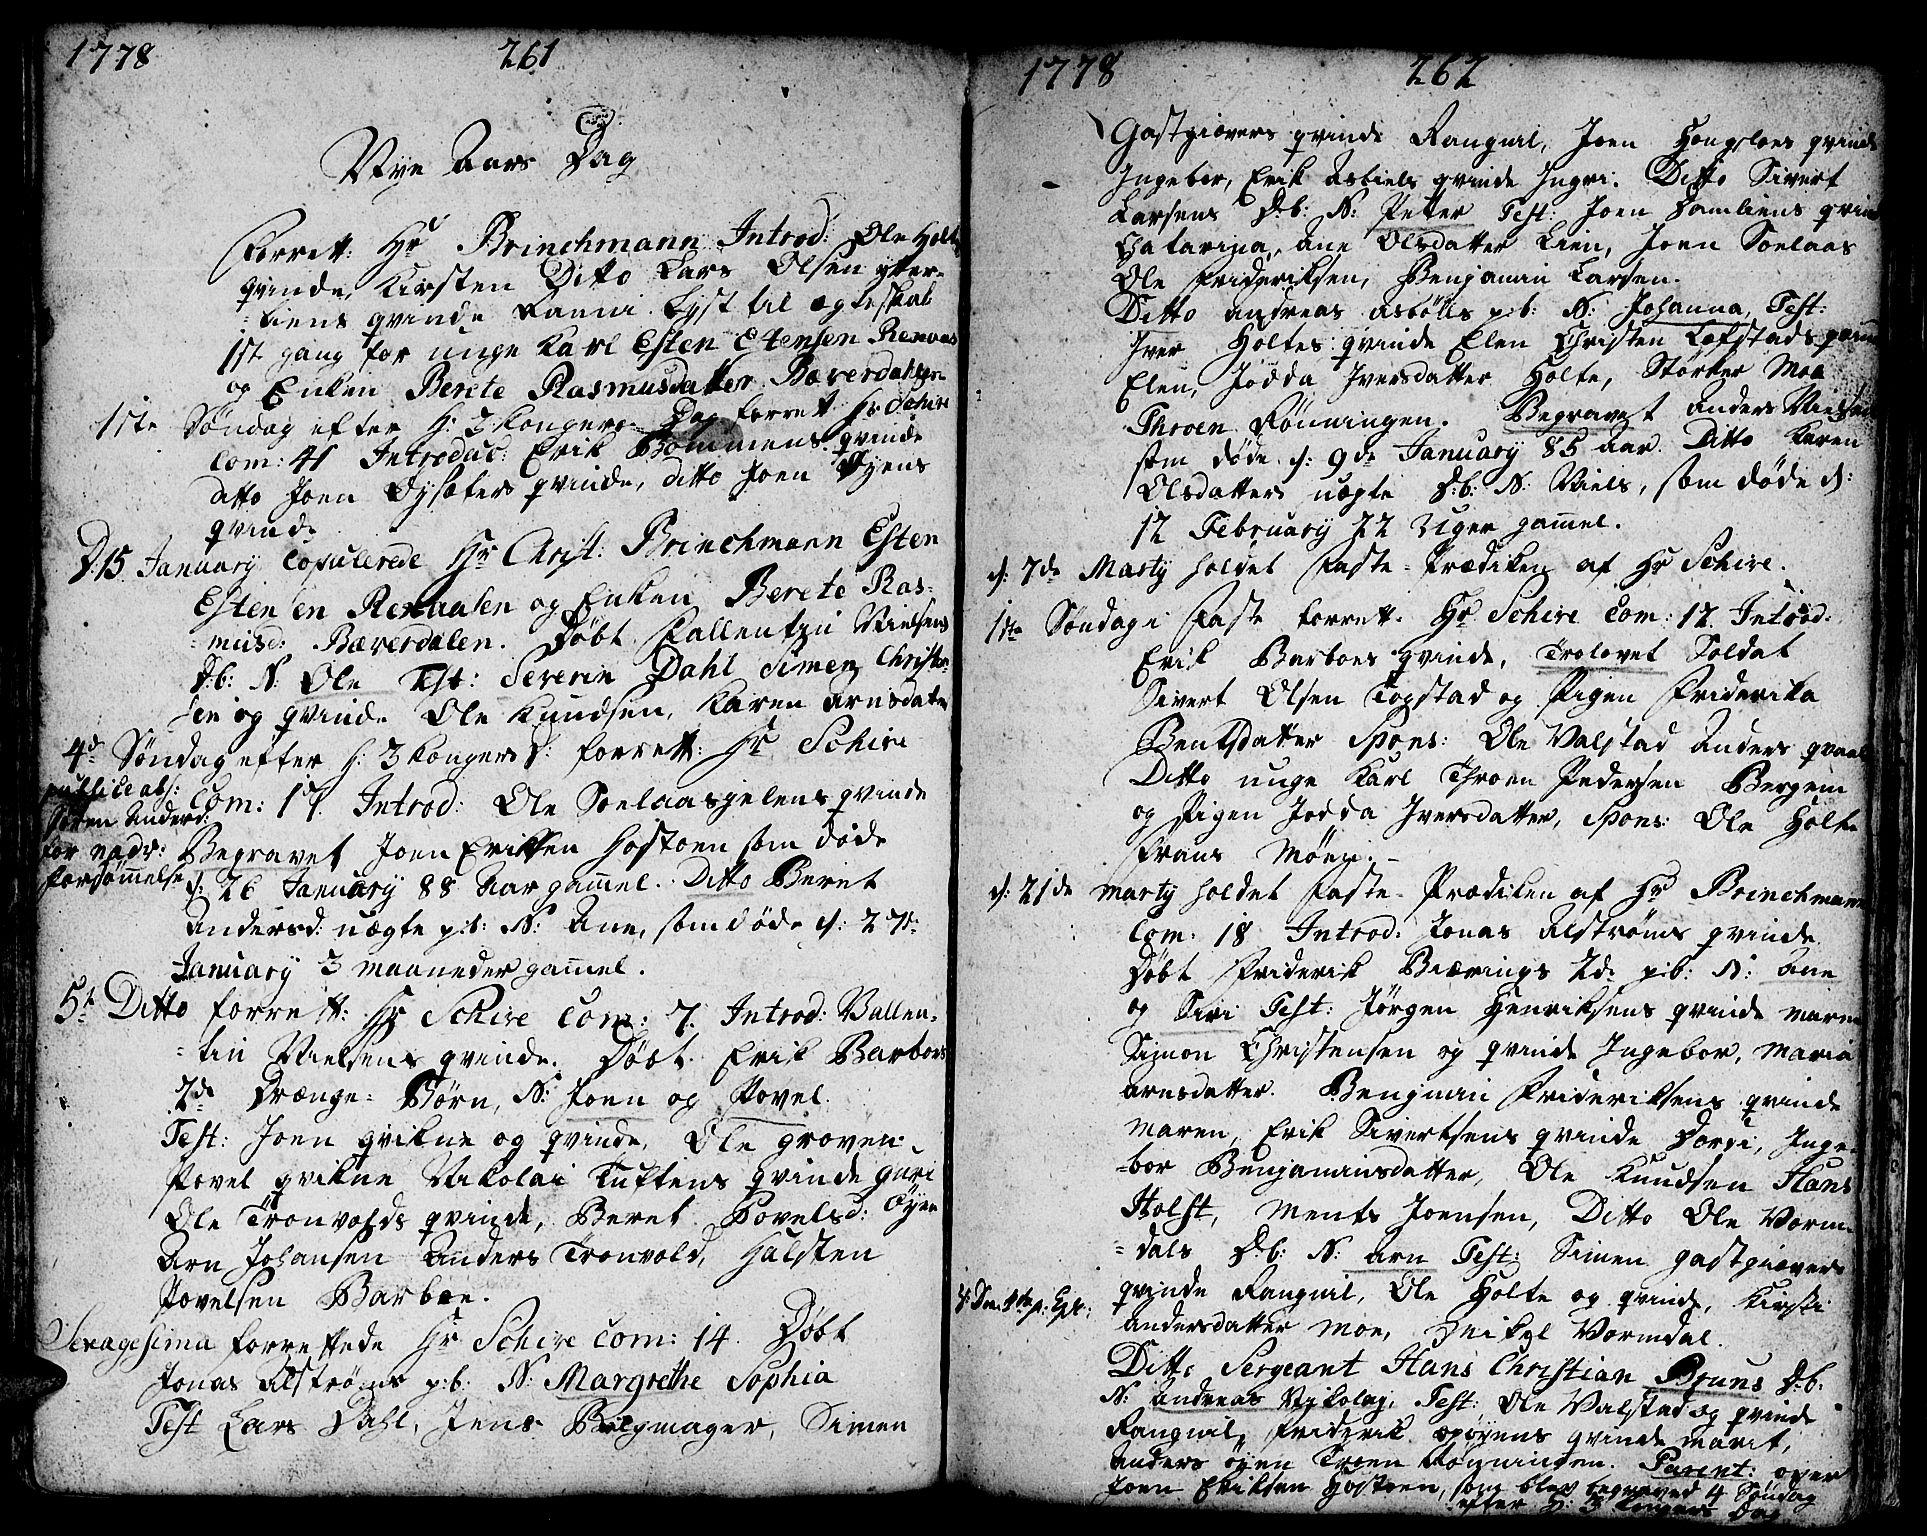 SAT, Ministerialprotokoller, klokkerbøker og fødselsregistre - Sør-Trøndelag, 671/L0840: Ministerialbok nr. 671A02, 1756-1794, s. 261-262